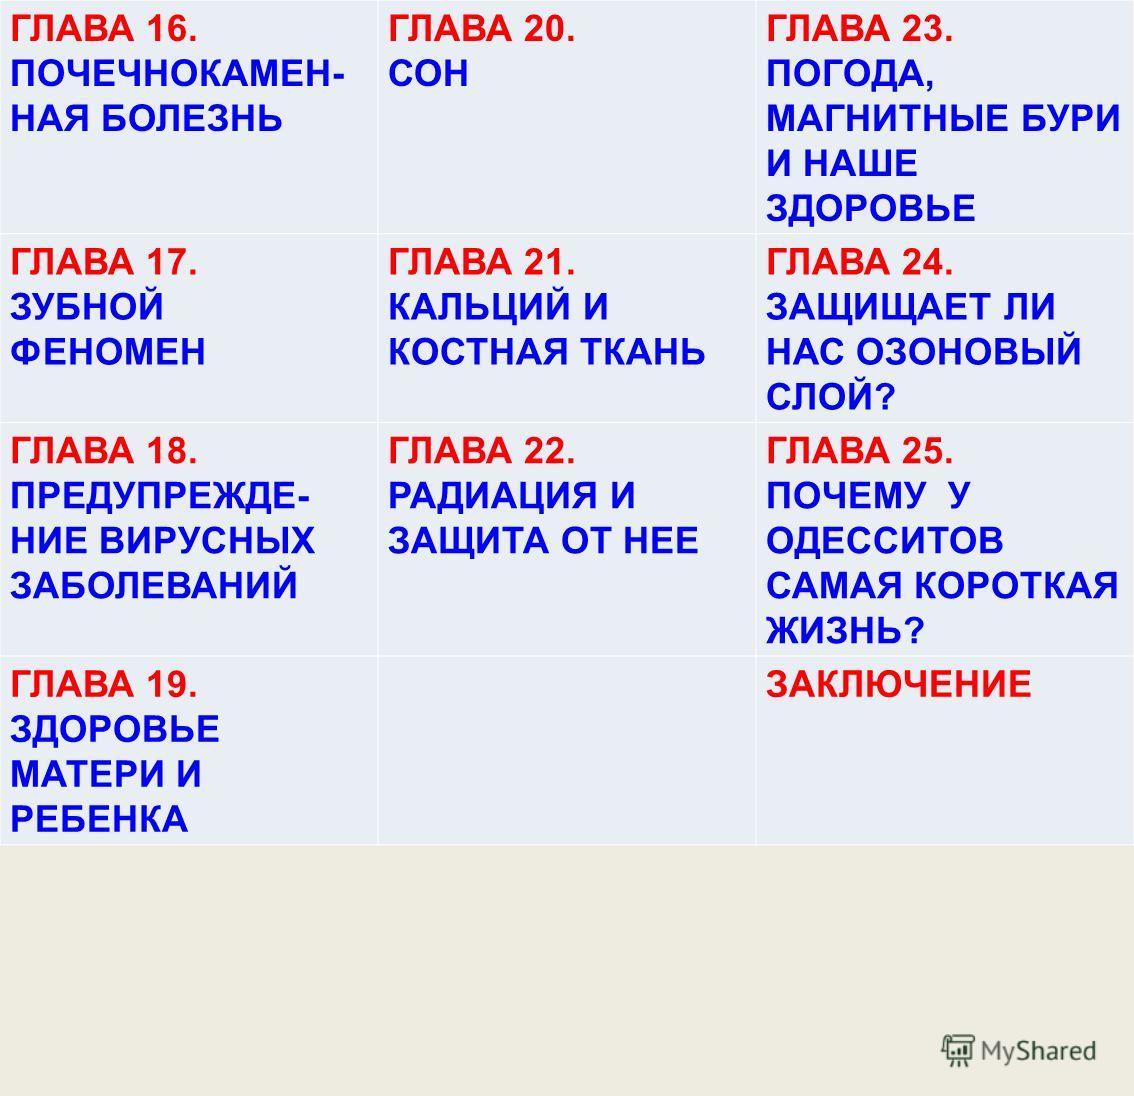 ГЛАВА 16. ПОЧЕЧНОКАМЕН- НАЯ БОЛЕЗНЬ ГЛАВА 20. СОН ГЛАВА 23. ПОГОДА, МАГНИТНЫЕ БУРИ И НАШЕ ЗДОРОВЬЕ ГЛАВА 17. ЗУБНОЙ ФЕНОМЕН ГЛАВА 21. КАЛЬЦИЙ И КОСТНАЯ ТКАНЬ ГЛАВА 24. ЗАЩИЩАЕТ ЛИ НАС ОЗОНОВЫЙ СЛОЙ? ГЛАВА 18. ПРЕДУПРЕЖДЕ- НИЕ ВИРУСНЫХ ЗАБОЛЕВАНИЙ ГЛА